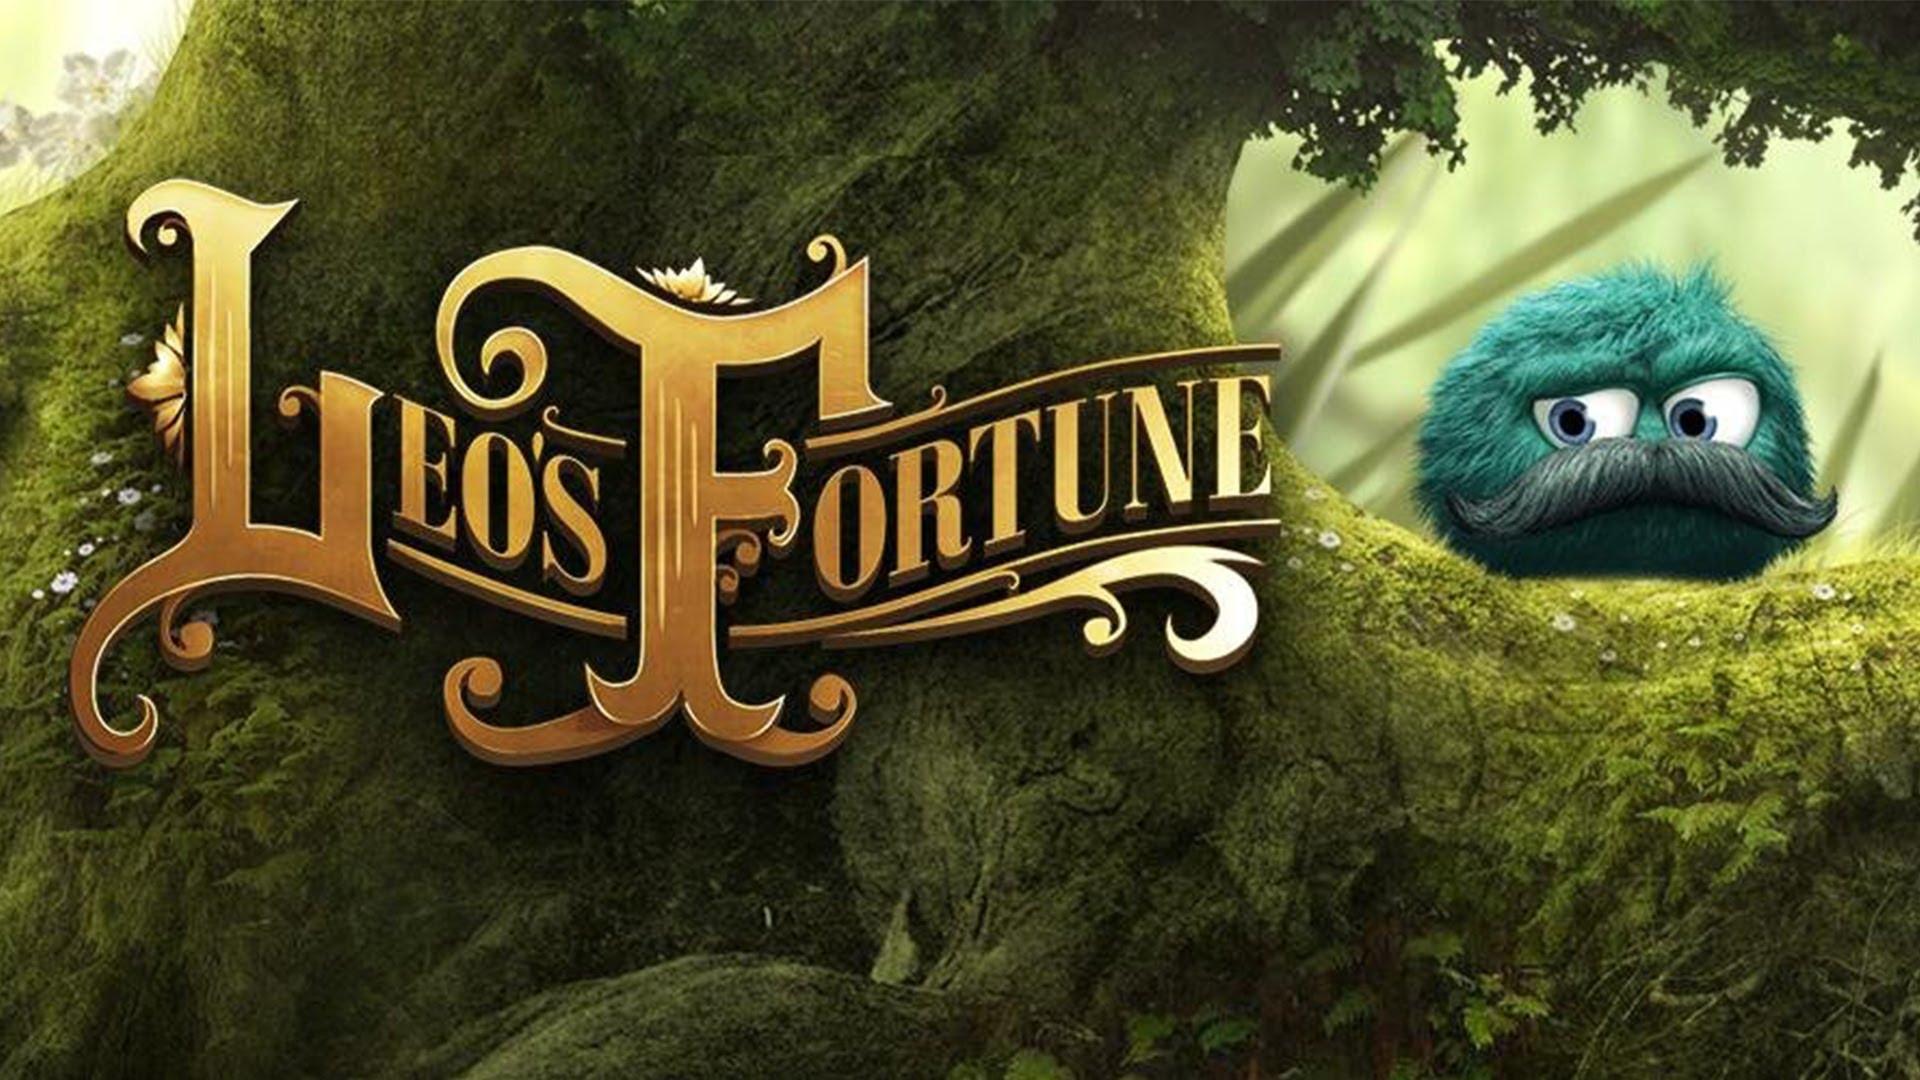 Leo's fortune 1307